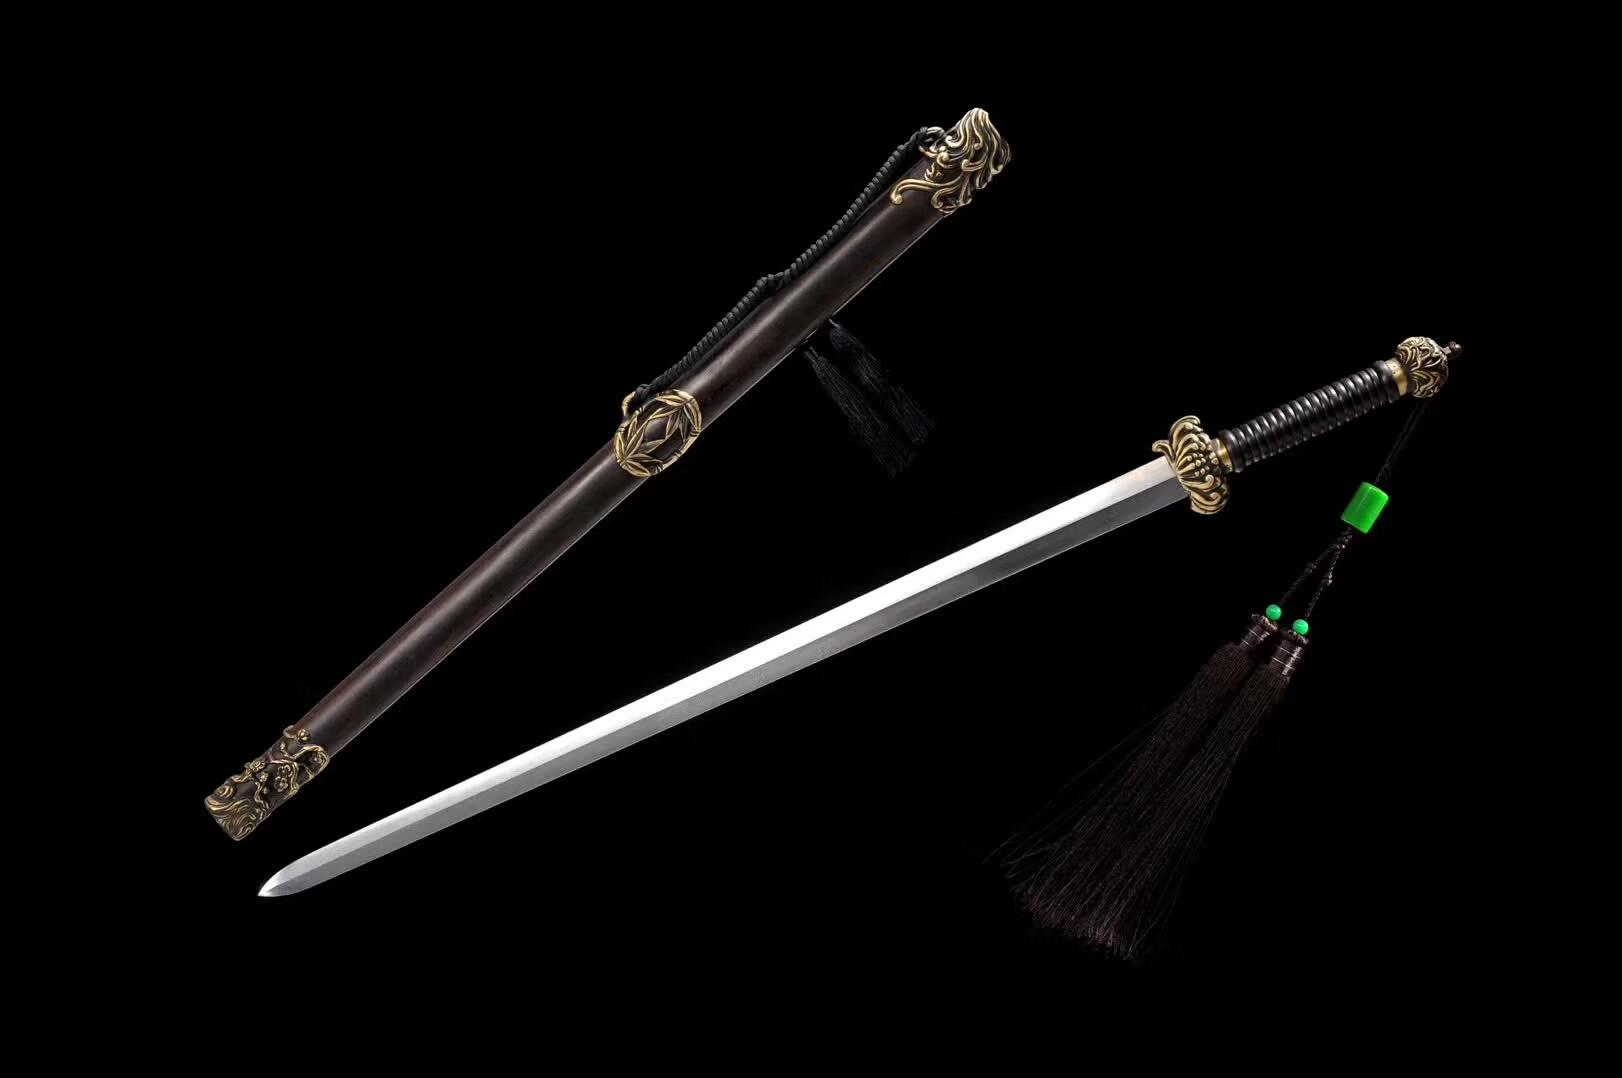 精品龙泉剑,扭转花纹钢宝剑,龙泉刀剑图片